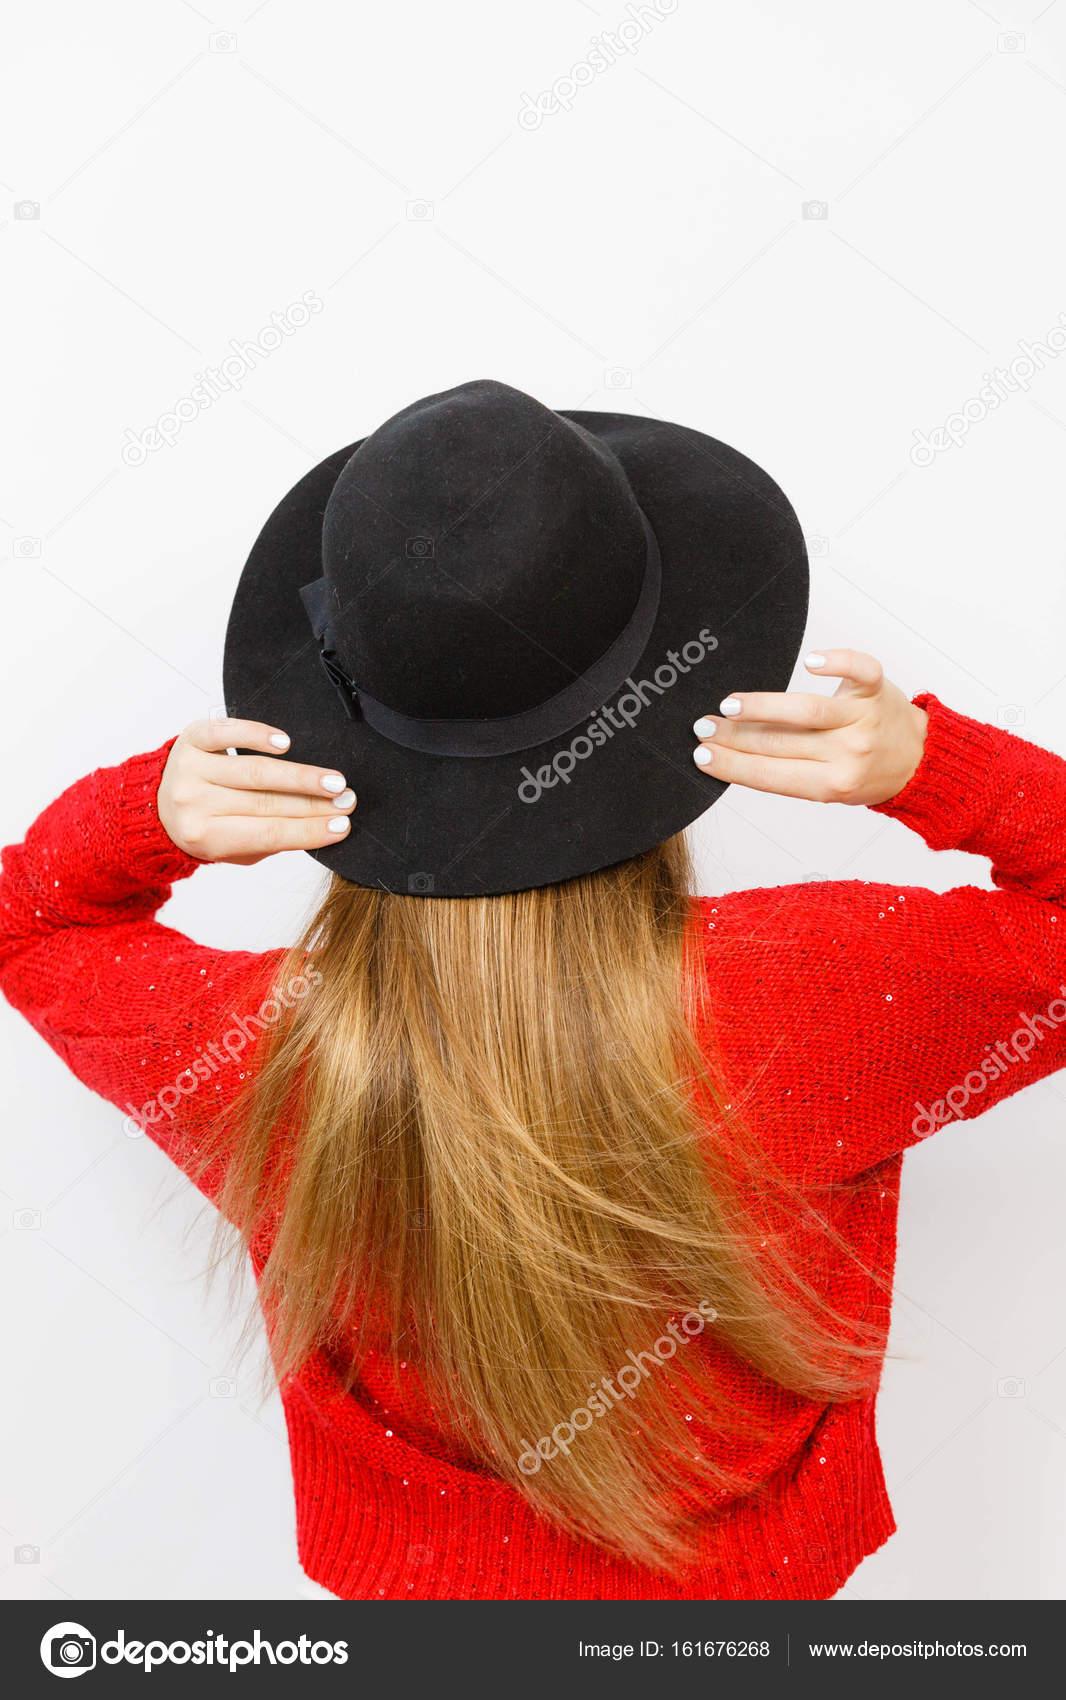 Kadın Kahverengi Uzun Saç Siyah şapkalı Arkadan Görünüm Stok Foto